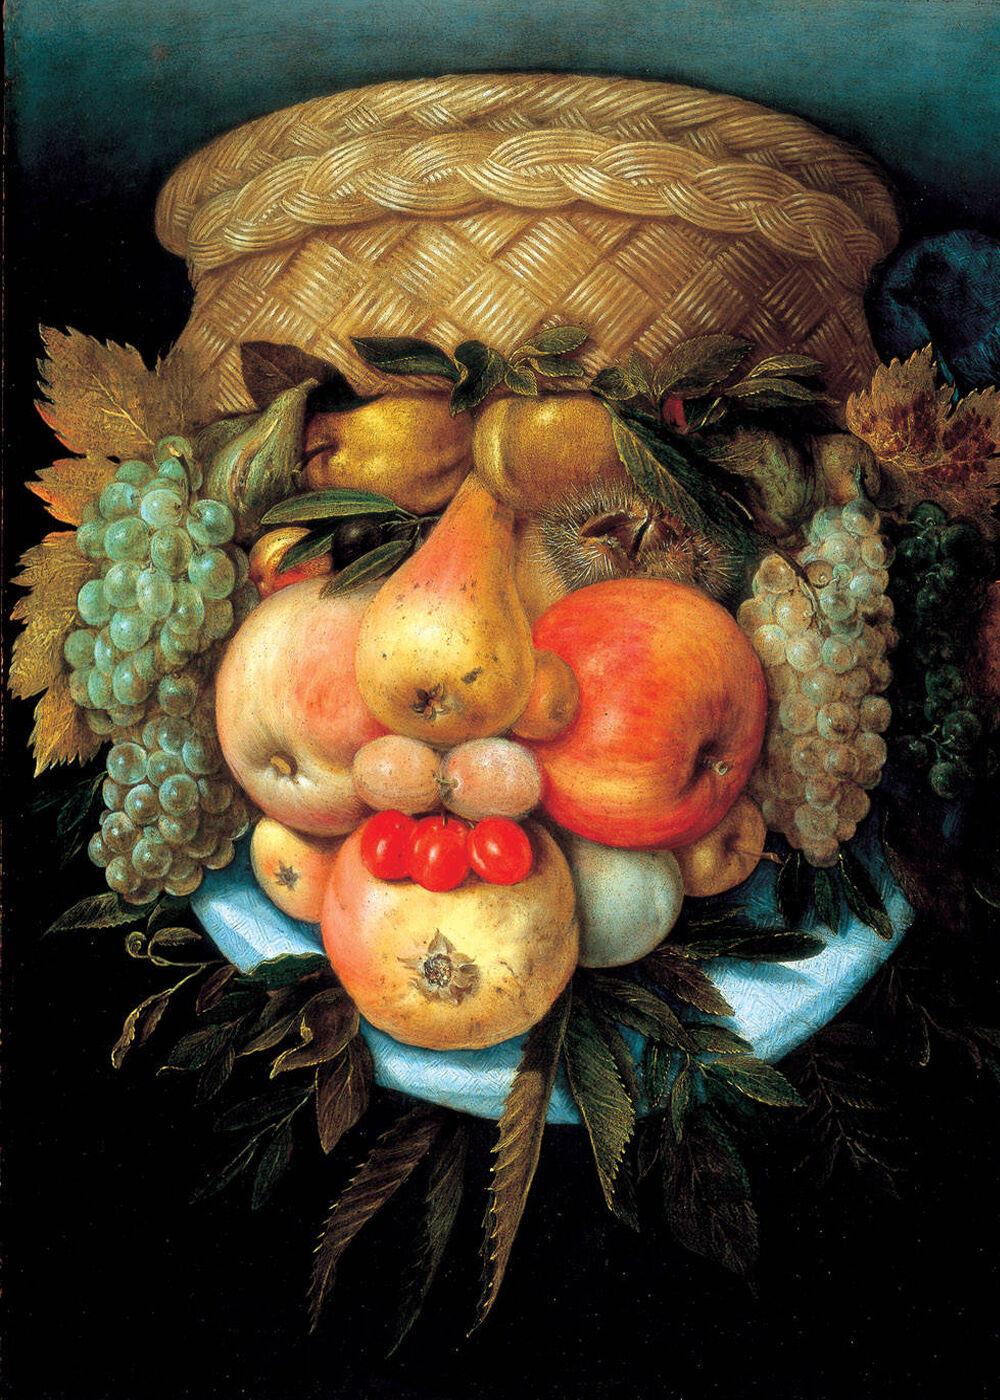 Giuseppe Arcimboldo, Fruit Basket, 16th Century. Image via Wikimedia Commons.